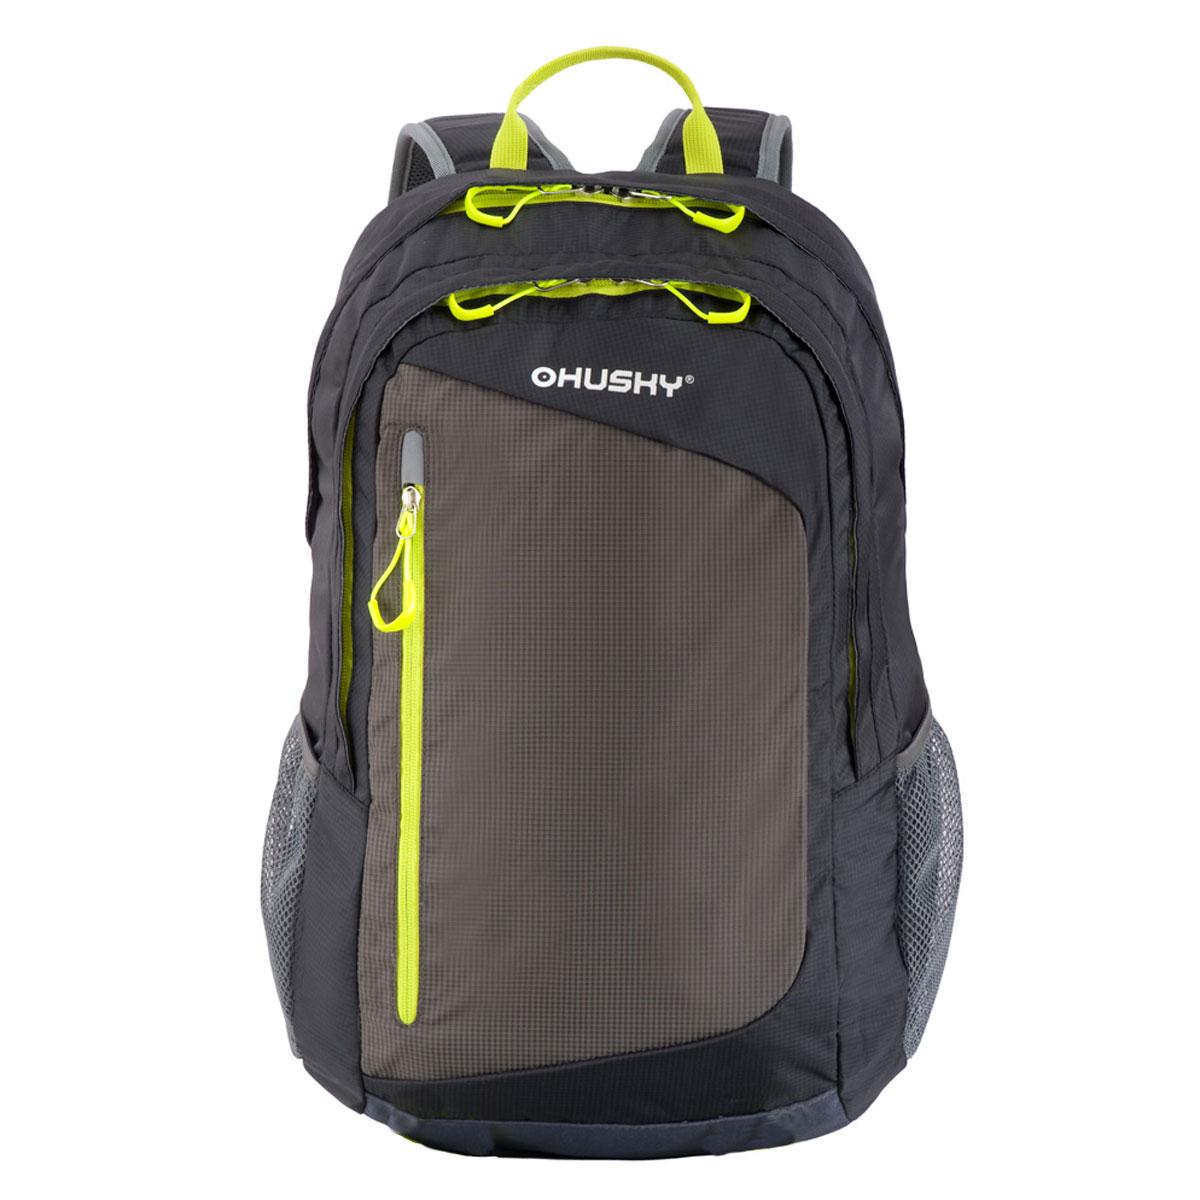 Рюкзак городской Husky Marel 27, цвет: черныйLSCB-UT1-577Рюкзак городской Husky Marel 27 подойдет как для школы, так и для повседневной носки в городе. У рюкзака два больших отделения, один передний карман и специальный карман для ноутбука.Особенности: водонепроницаемая ткань; система вентиляции спины AMS;отделение для ноутбука;внутренний органайзер;боковые карманы-сетки;светоотражающие элементы.